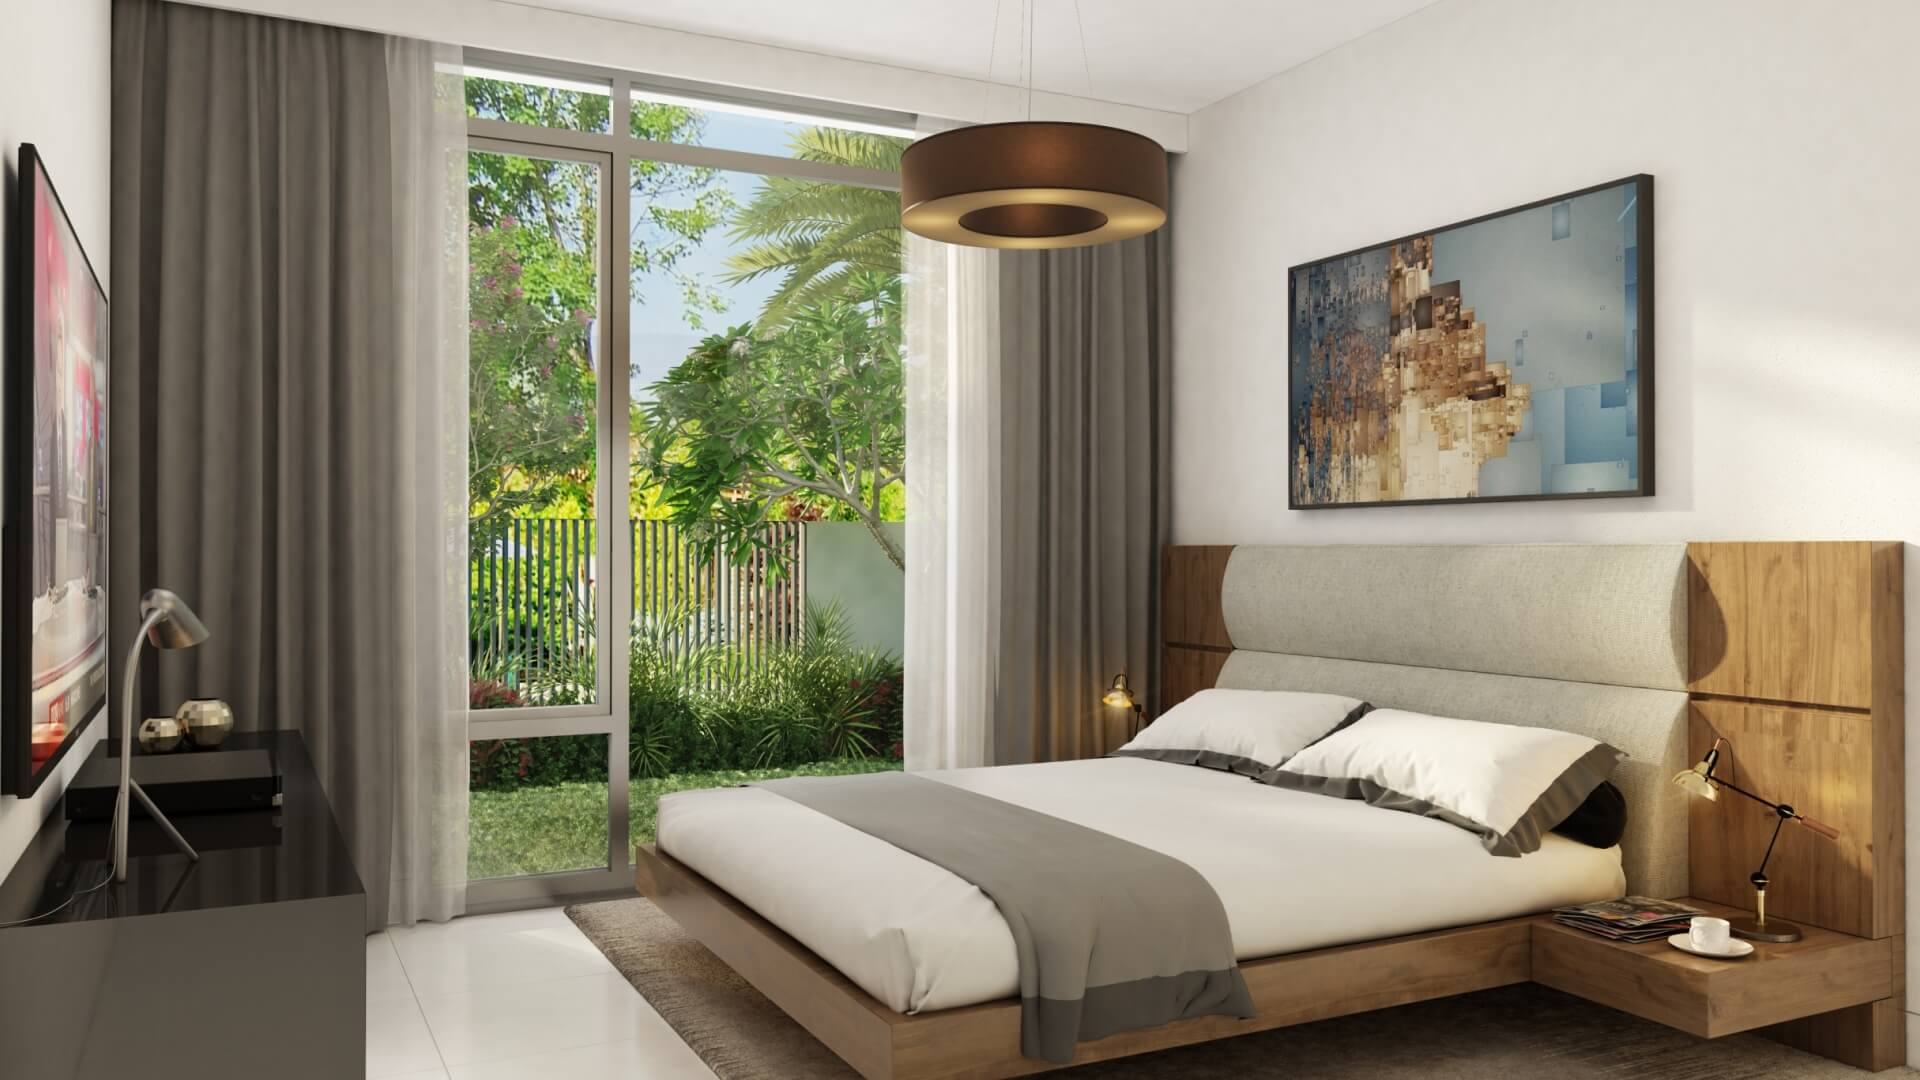 Adosado en venta en Dubai, EAU, 3 dormitorios, 212 m2, № 24248 – foto 4